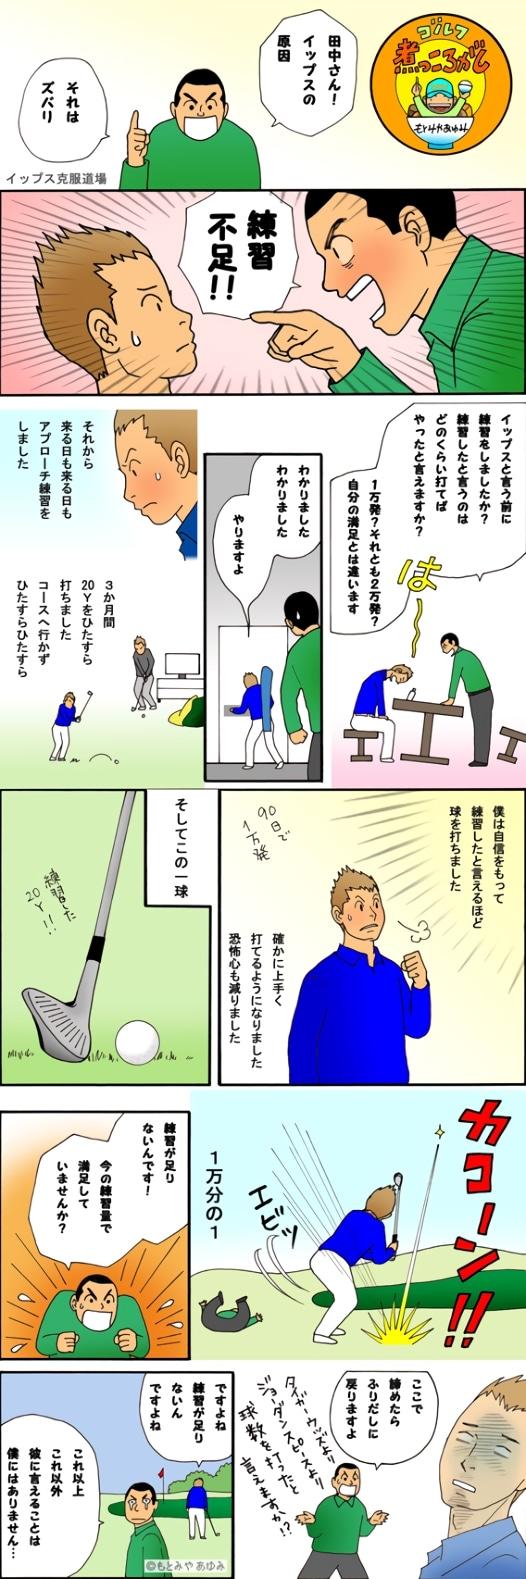 第501話 アプローチイップス10